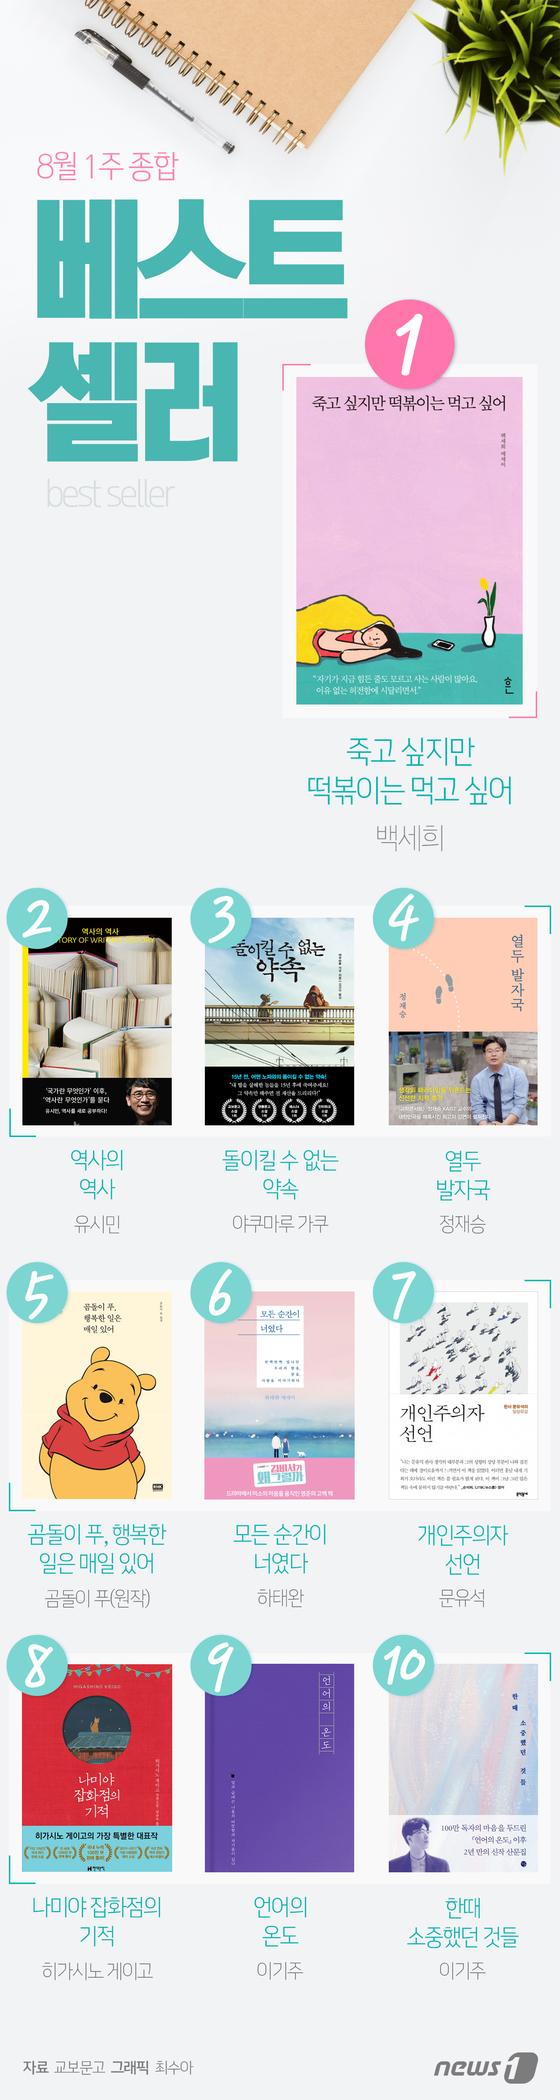 [그래픽뉴스] 8월 1주 종합 베스트셀러 순위